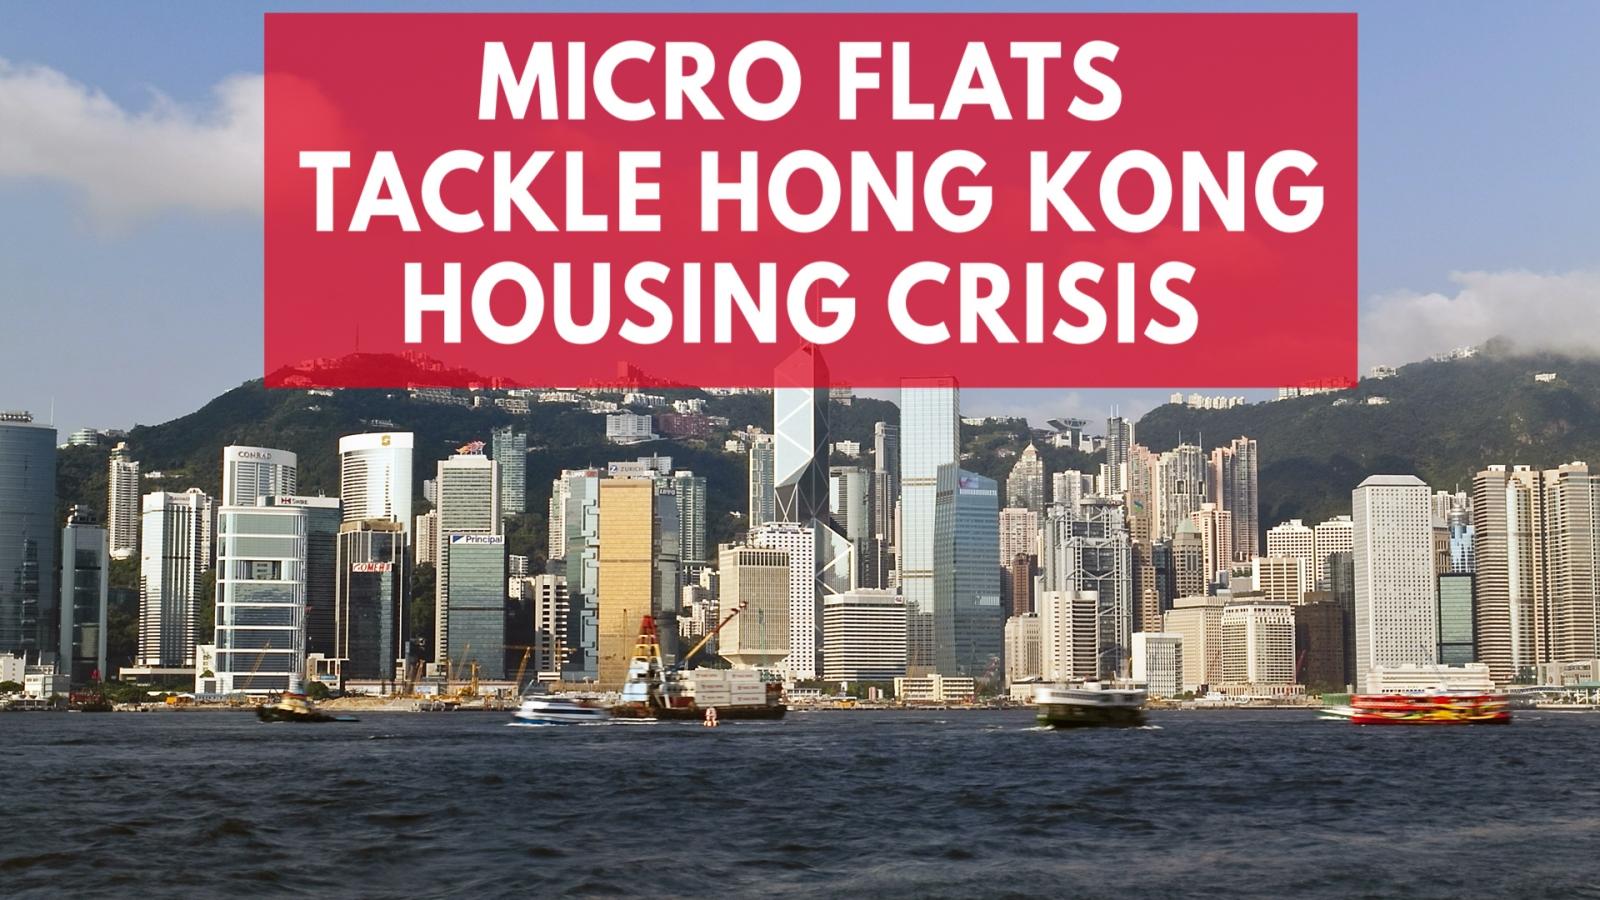 hong-kong-faces-a-housing-crisis-amid-micro-flat-popularity